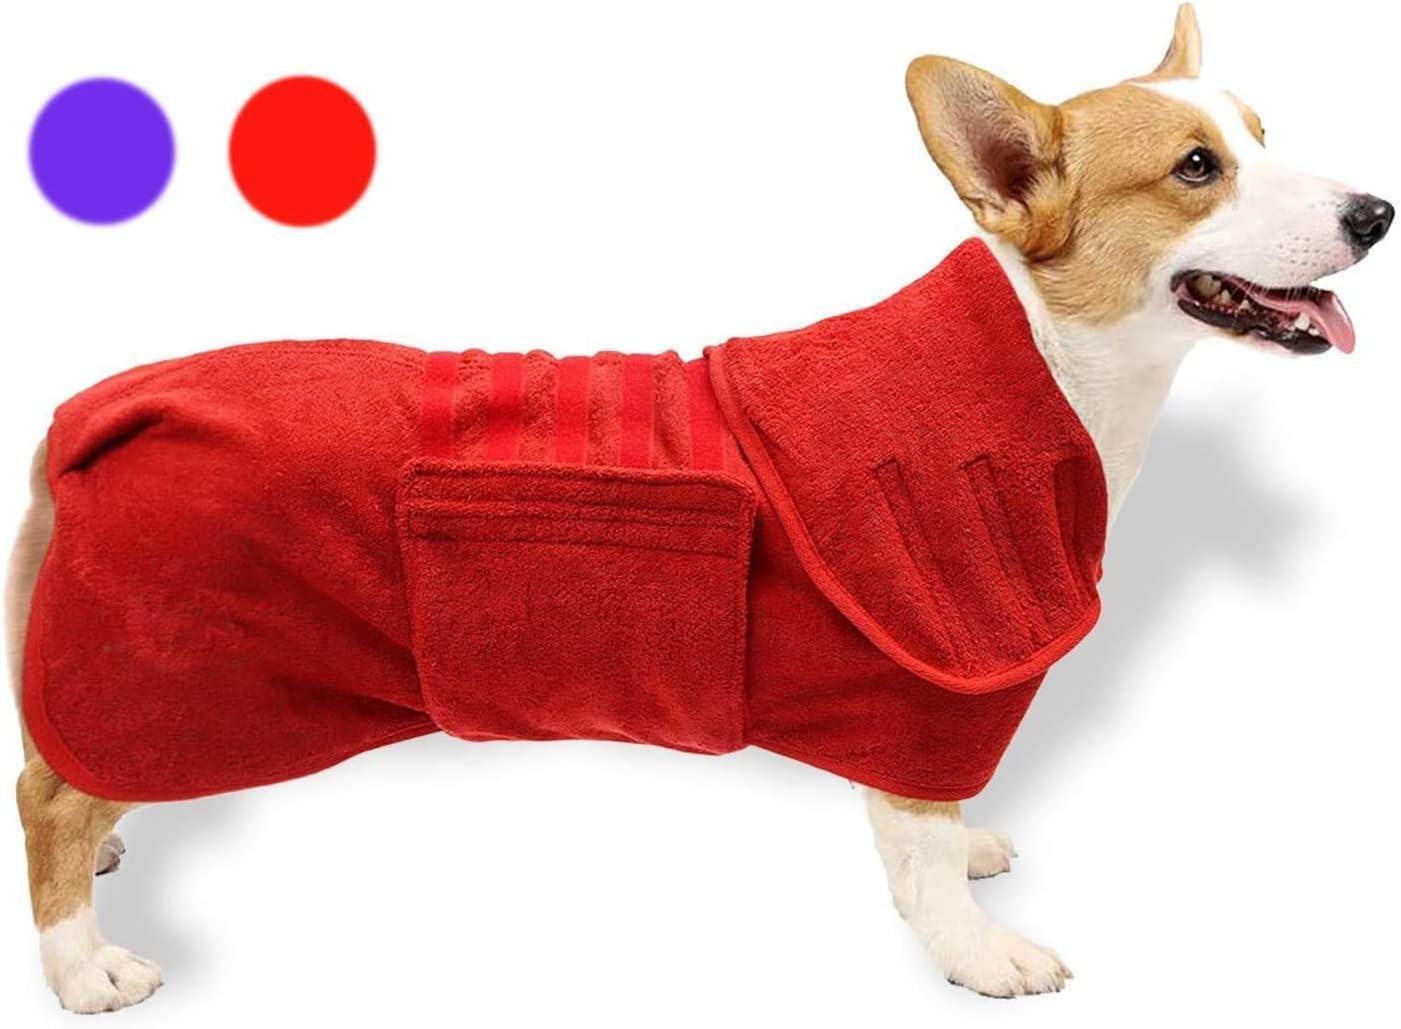 GZGZADMC Toalla de secado para perro, de secado rápido, súper absorbente, toalla de microfibra ajustable, bata absorbente para perro, 32-38 cm, color rojo